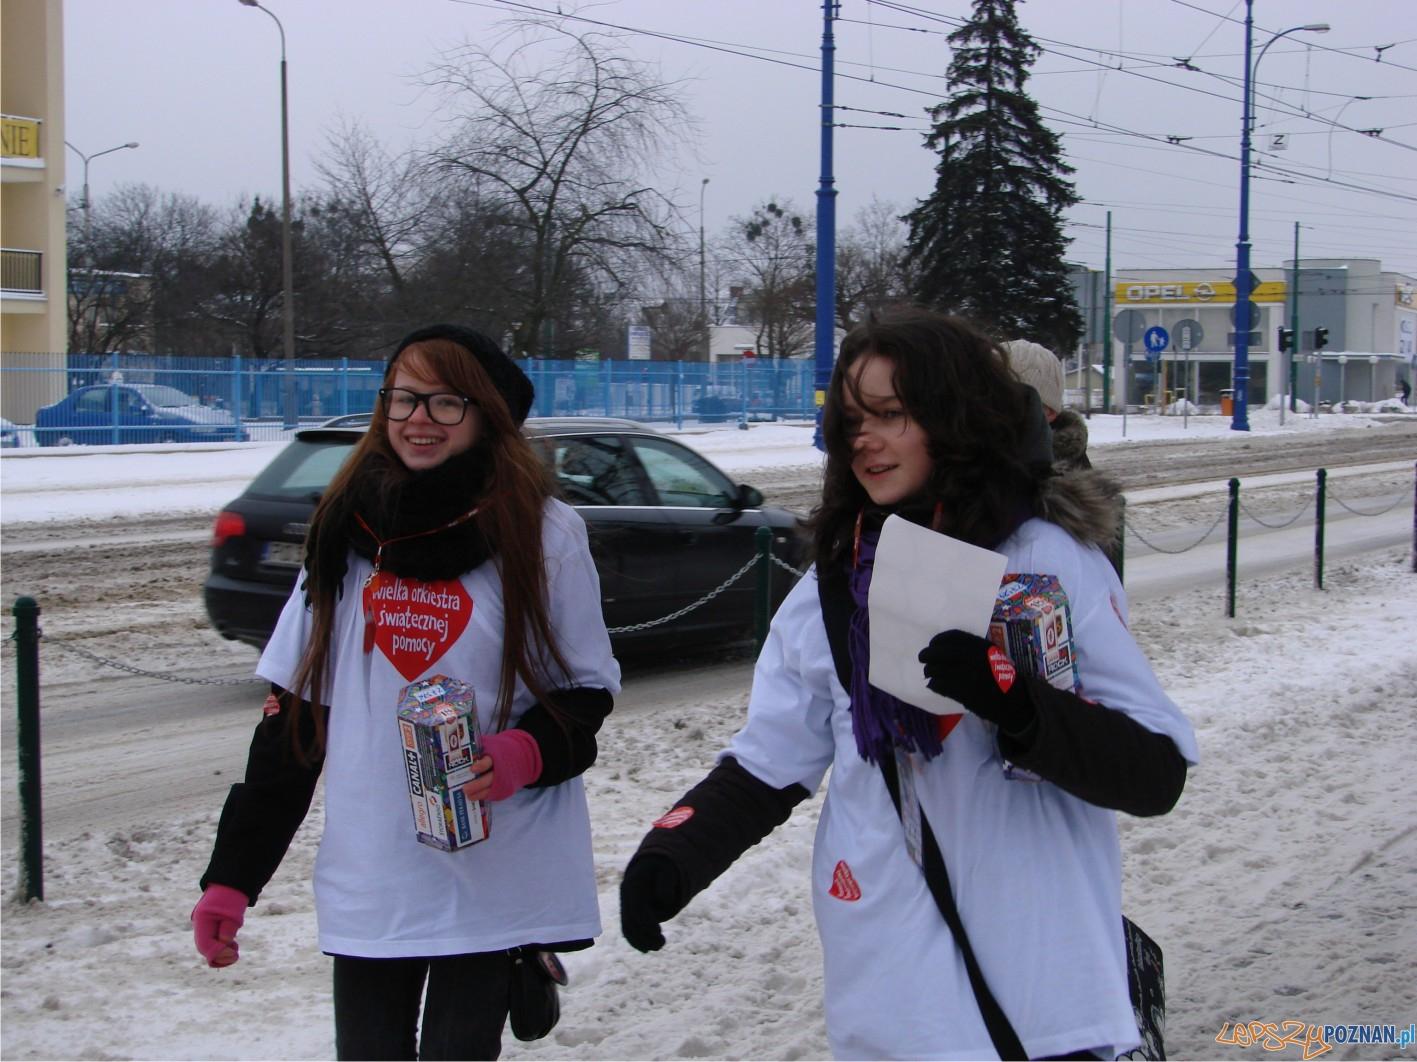 na Kórnickiej również spotkaliśmy uśmiechnięte wolontariuszki  Foto: